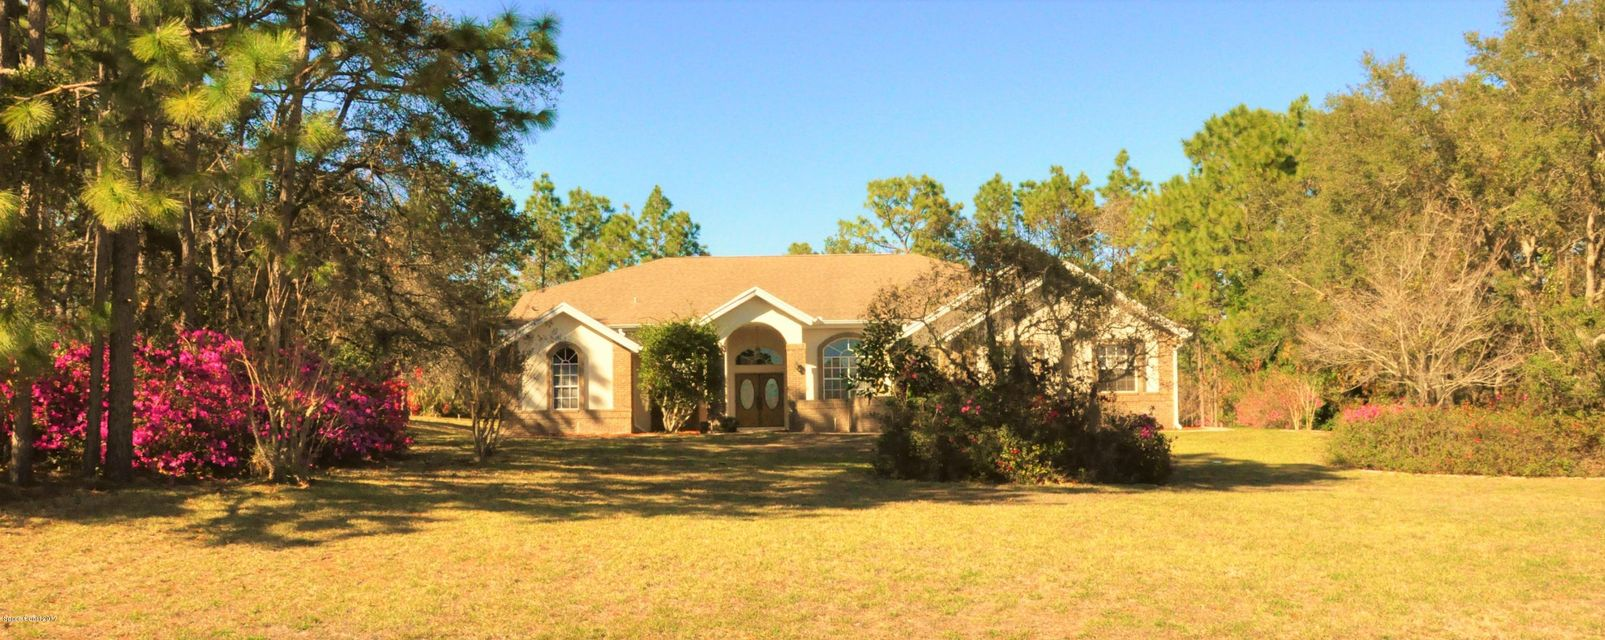 獨棟家庭住宅 為 出售 在 5050 N Amarillo Beverly Hills, 佛羅里達州 34465 美國